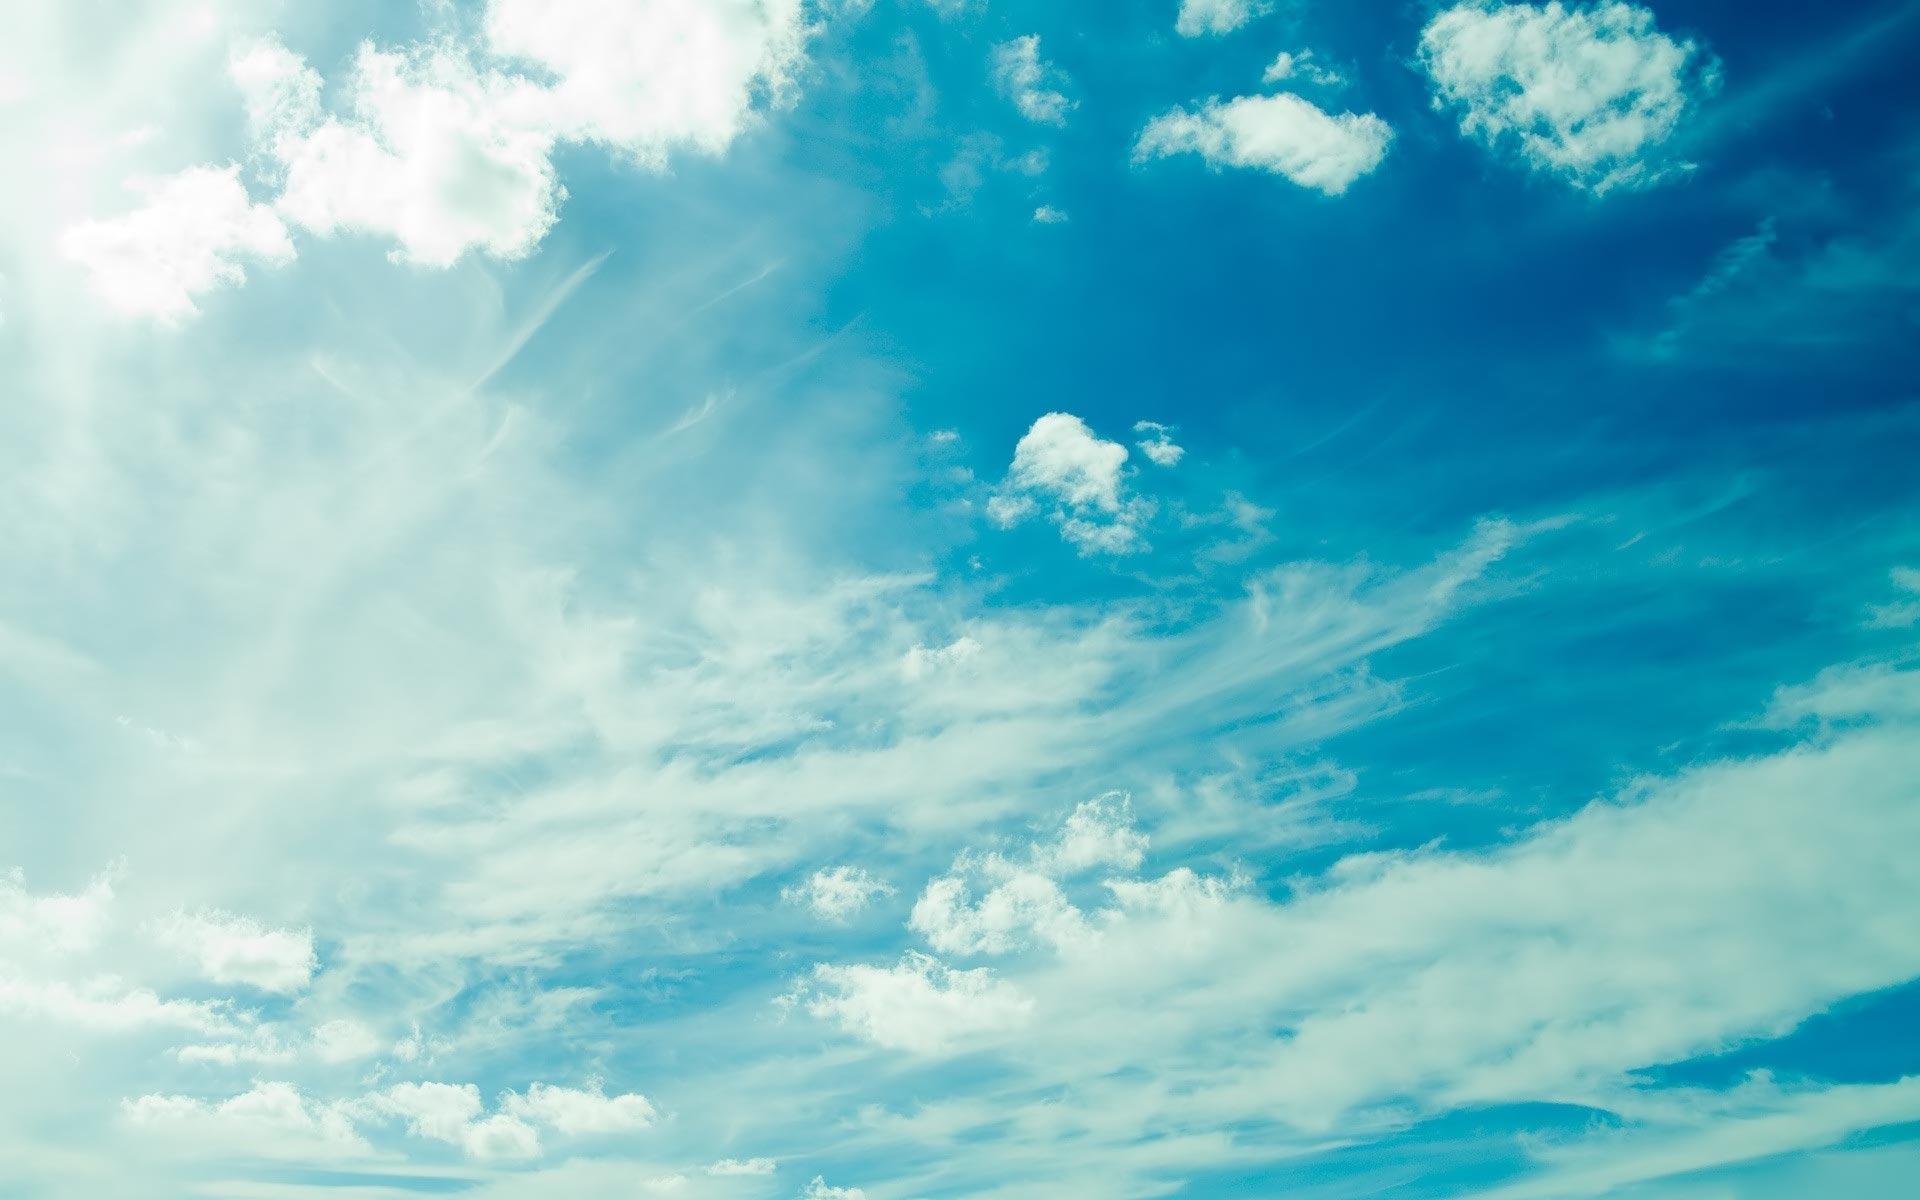 Desktop Wallpaper · Gallery · Nature Light cloud